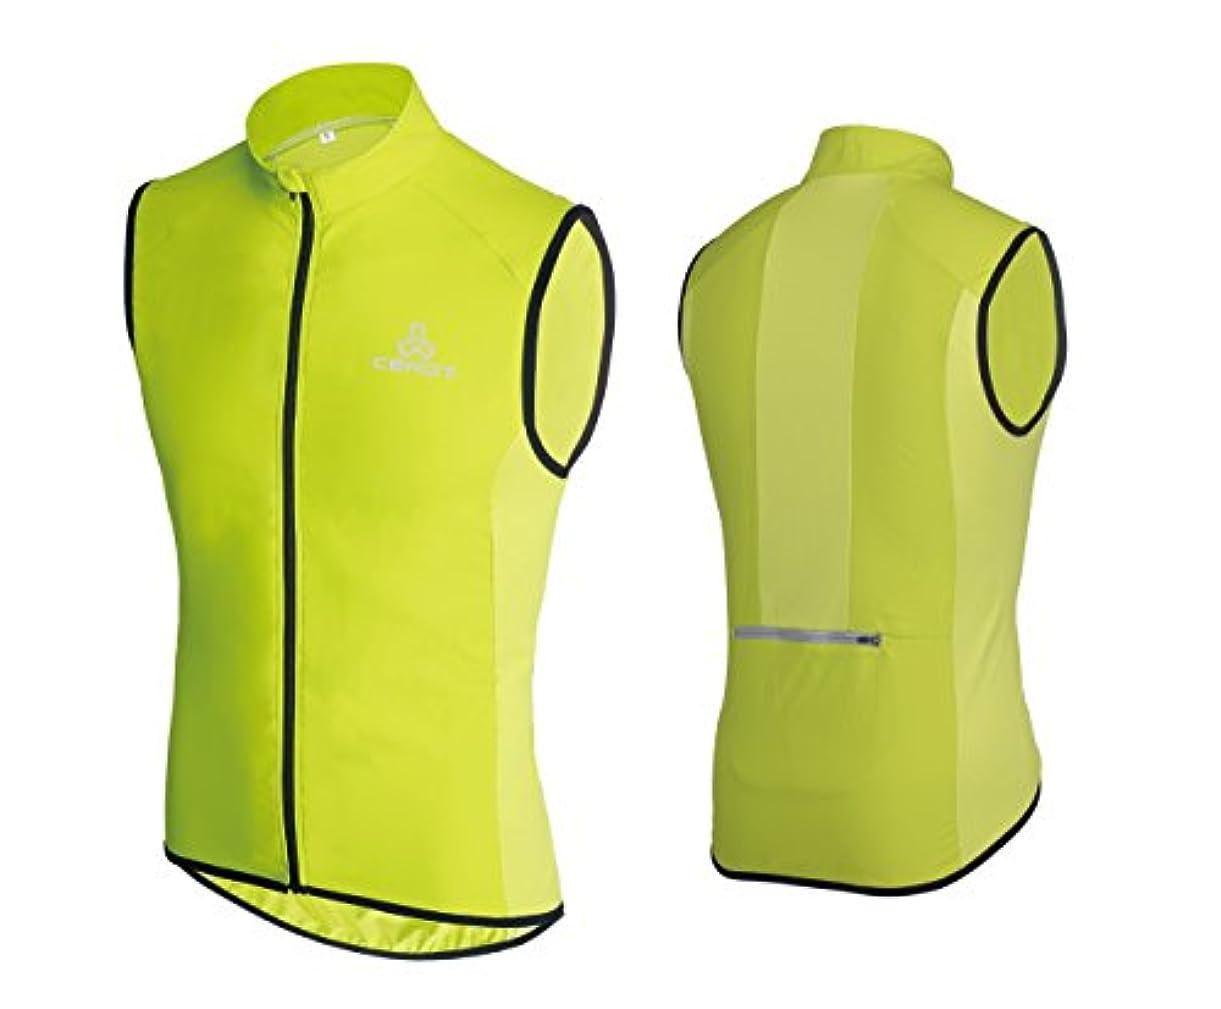 無秩序恥ずかしい絶壁Ceroti ウインドブレーカー ベスト 袖なし ノースリーブ 防風 サイクリングベスト スポーツウェア メンズ